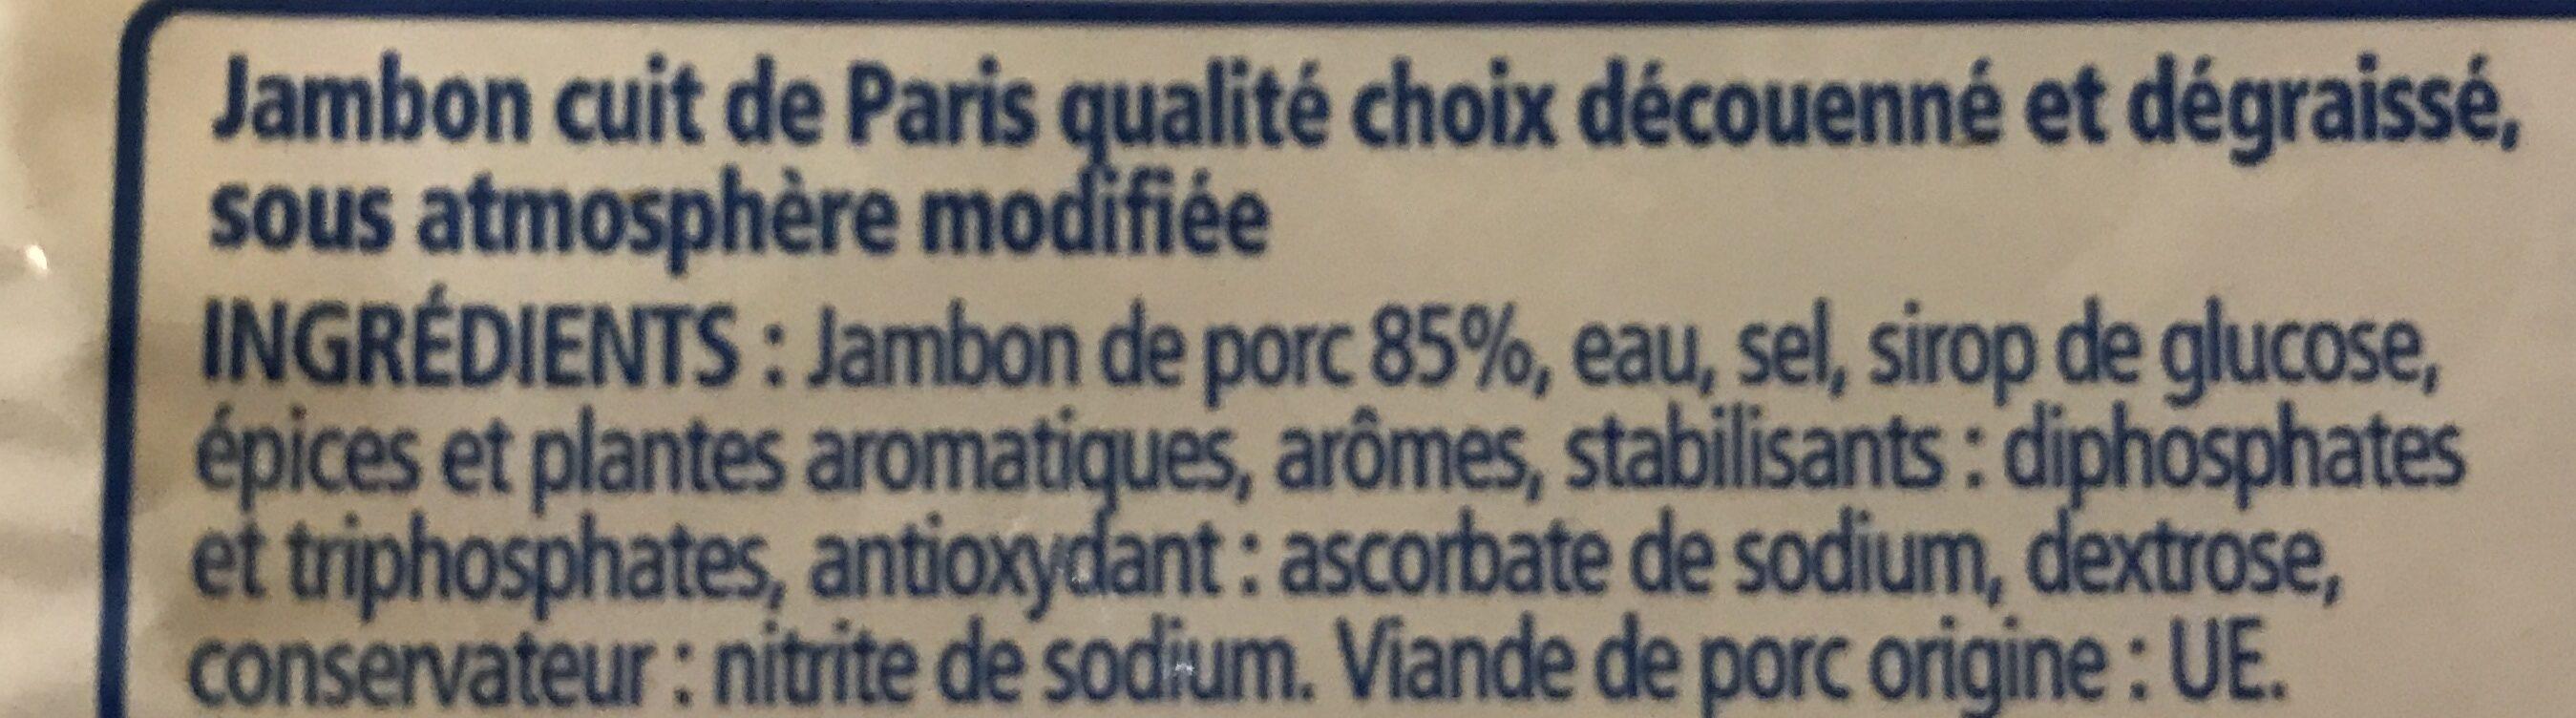 Jambon cuit de Paris - Ingrédients - fr